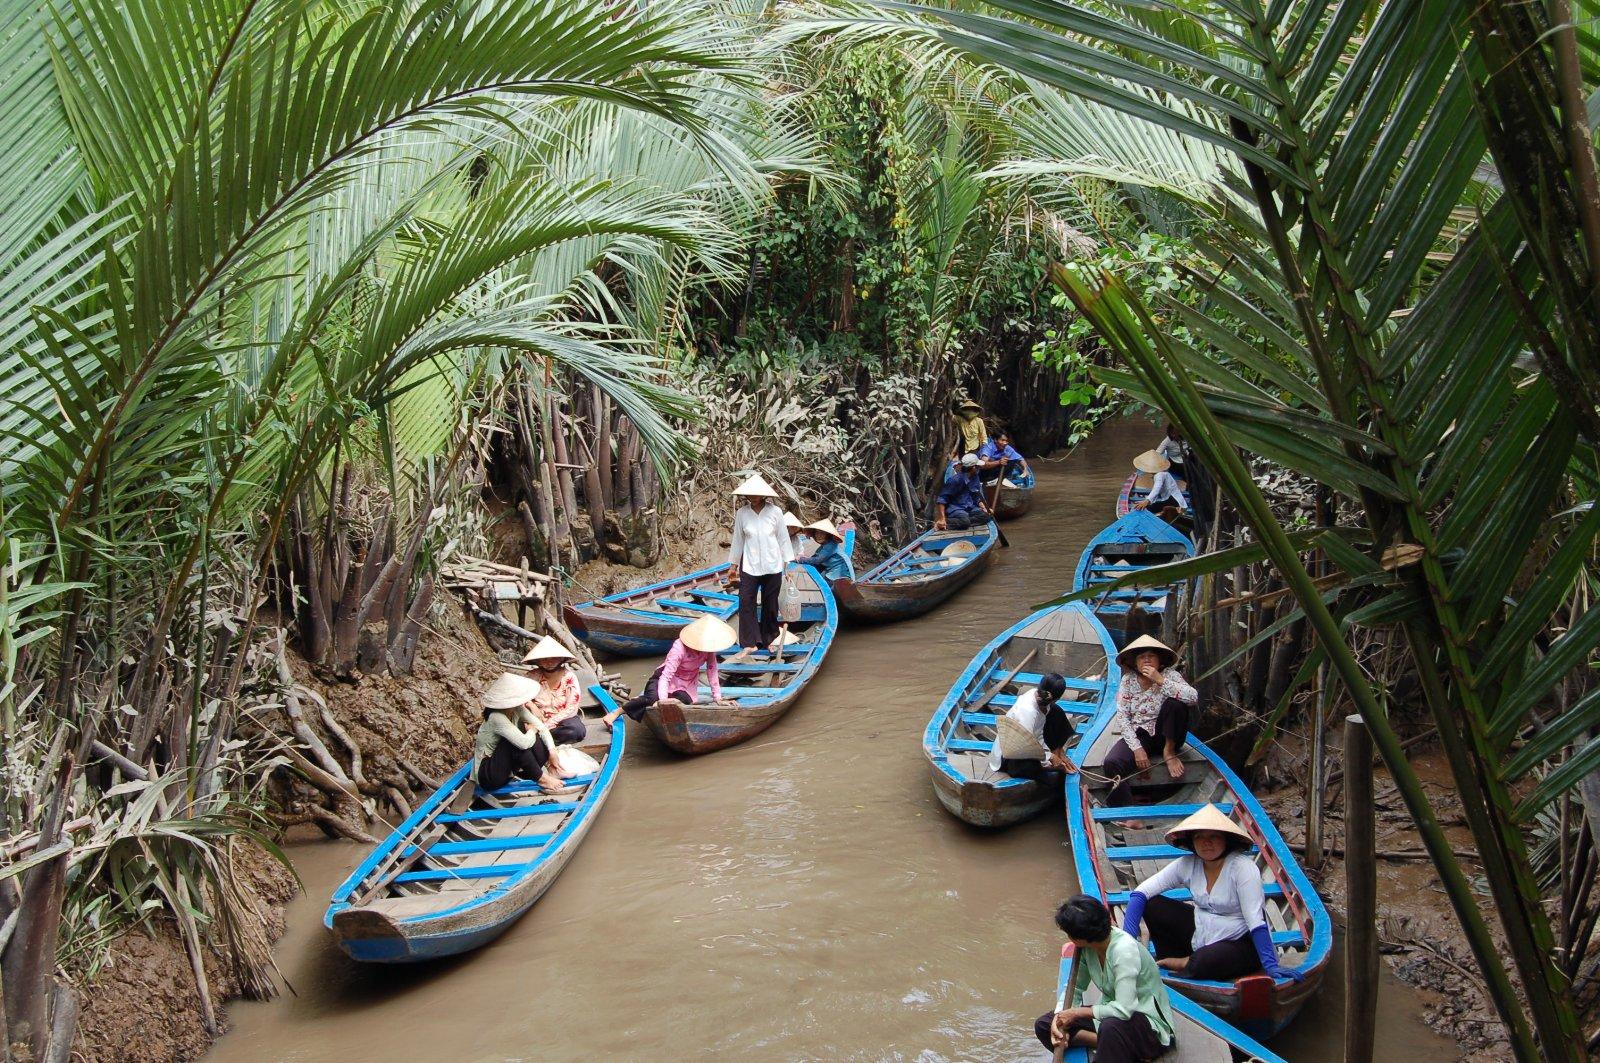 【レポ】ベトナム旅行専門店スタッフが本音で語るベトナムとは。の画像